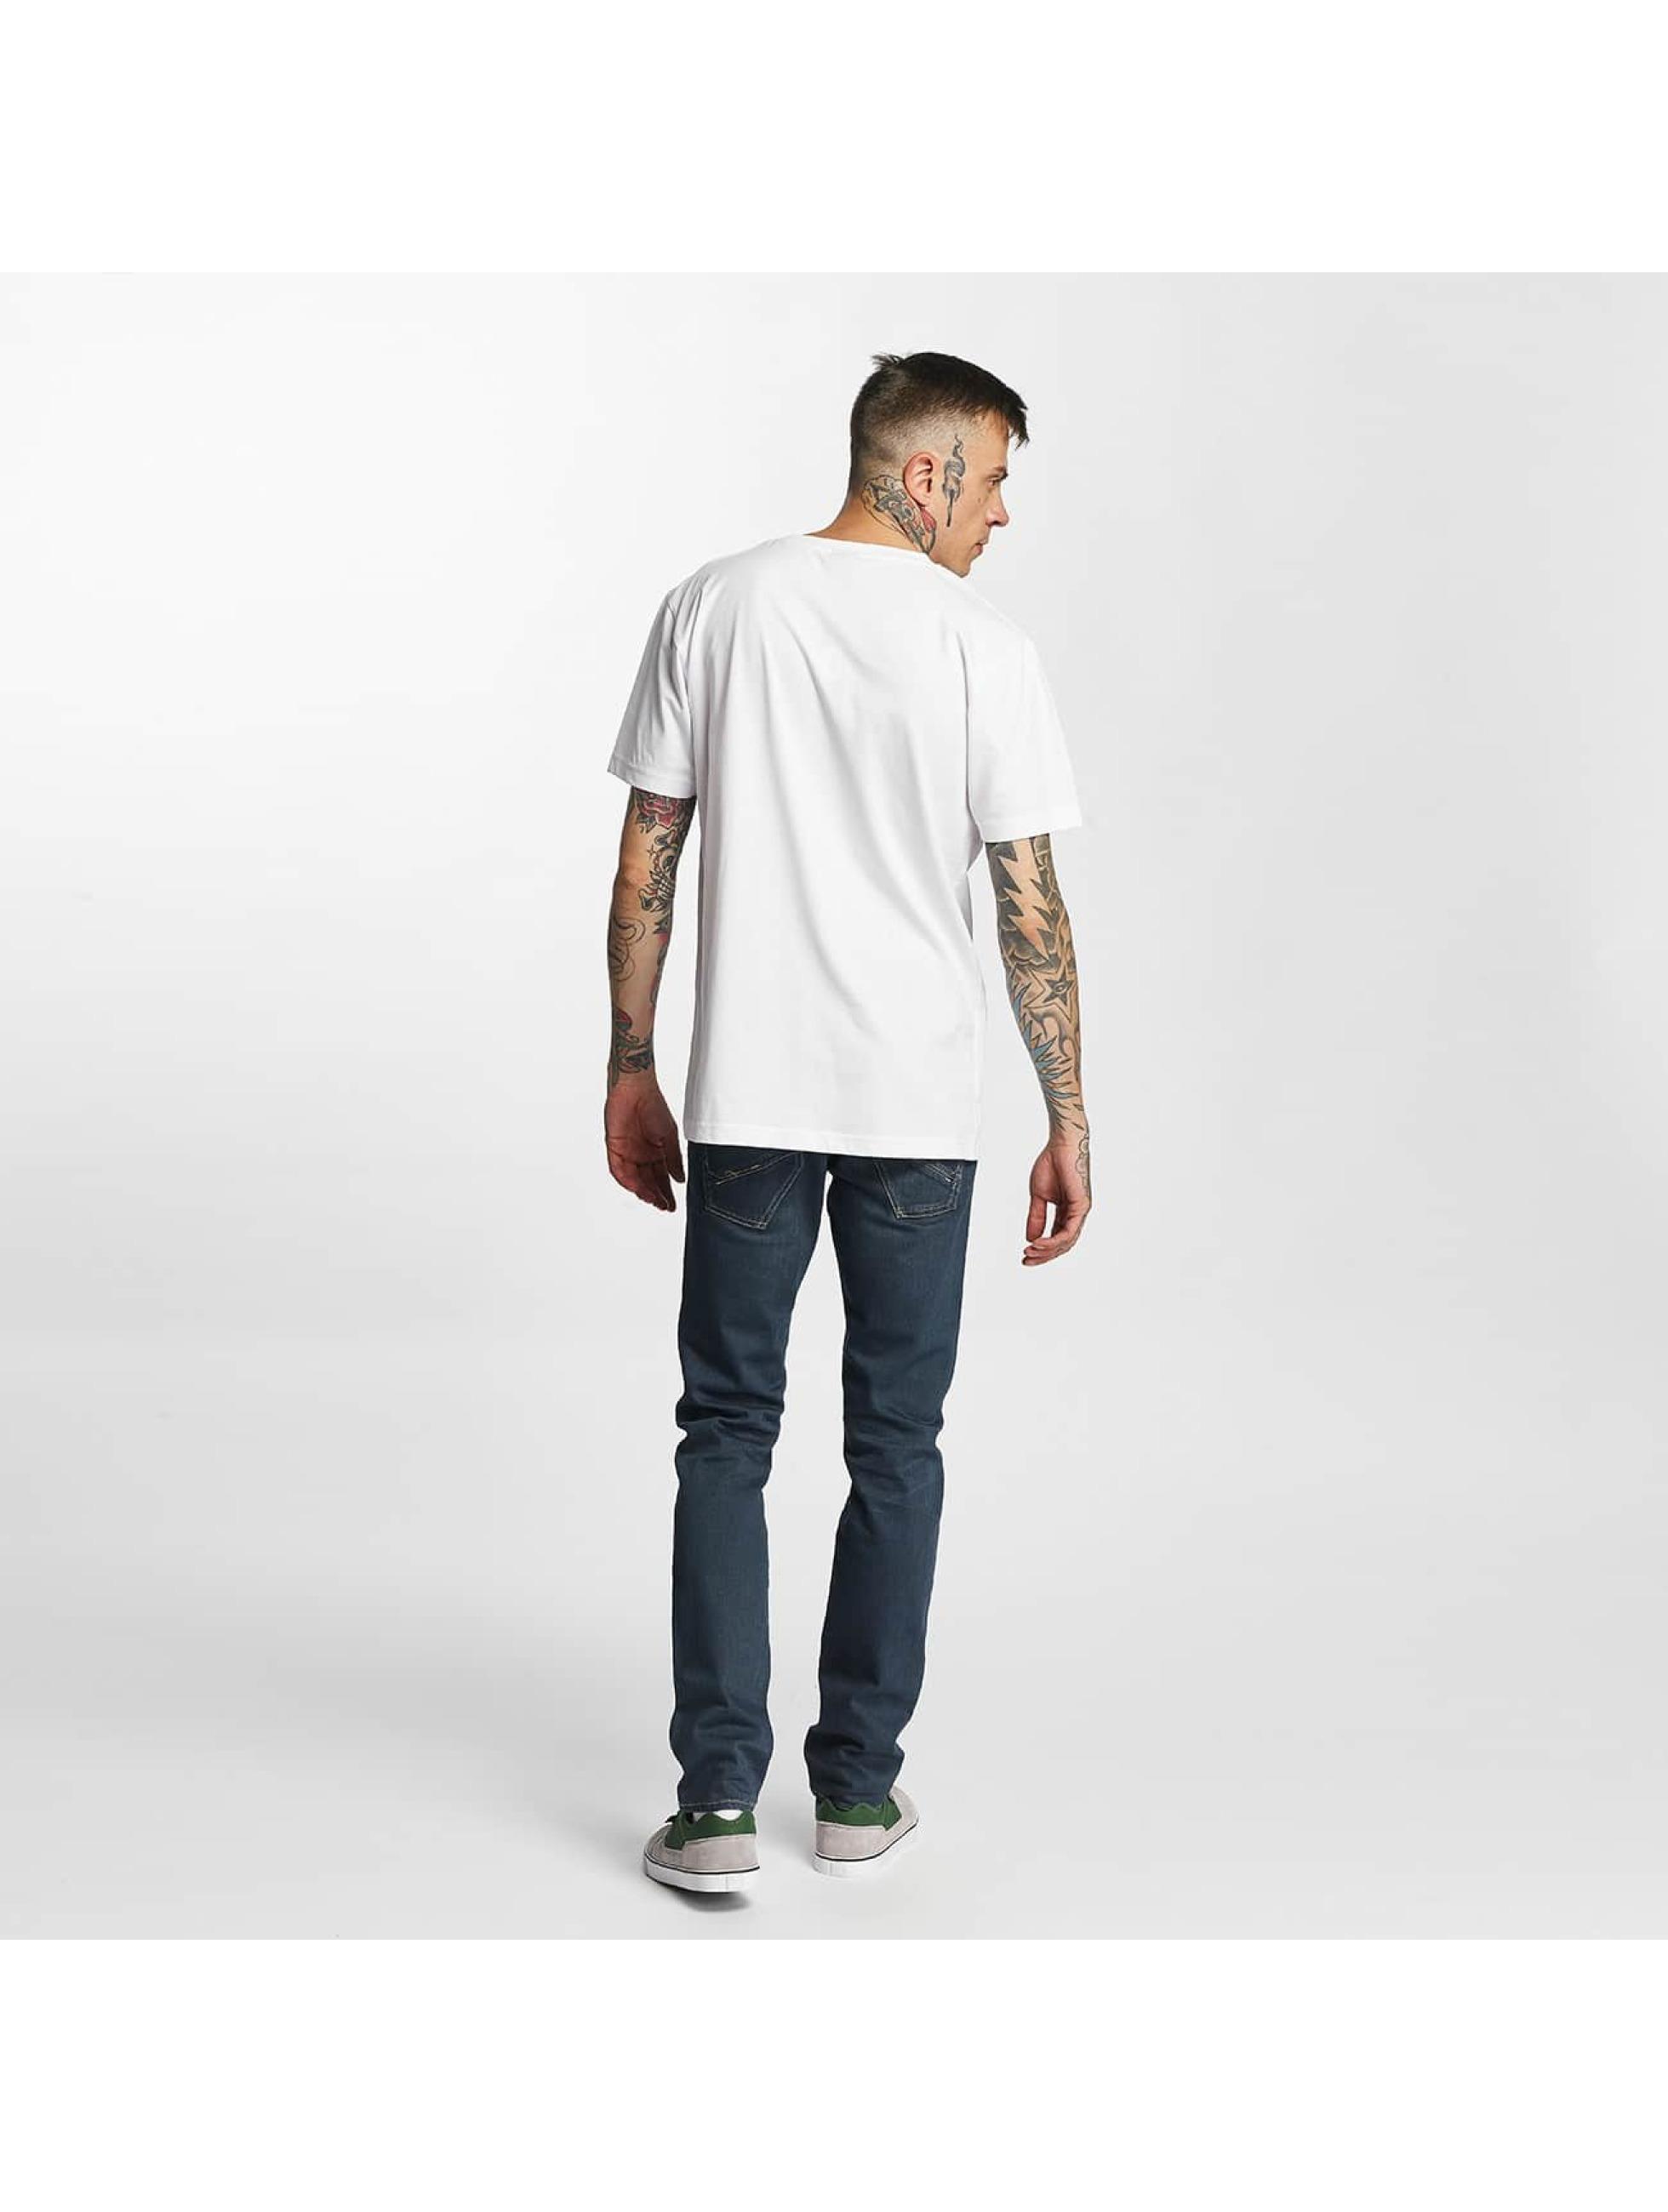 Mister Tee T-Shirt A Dream white